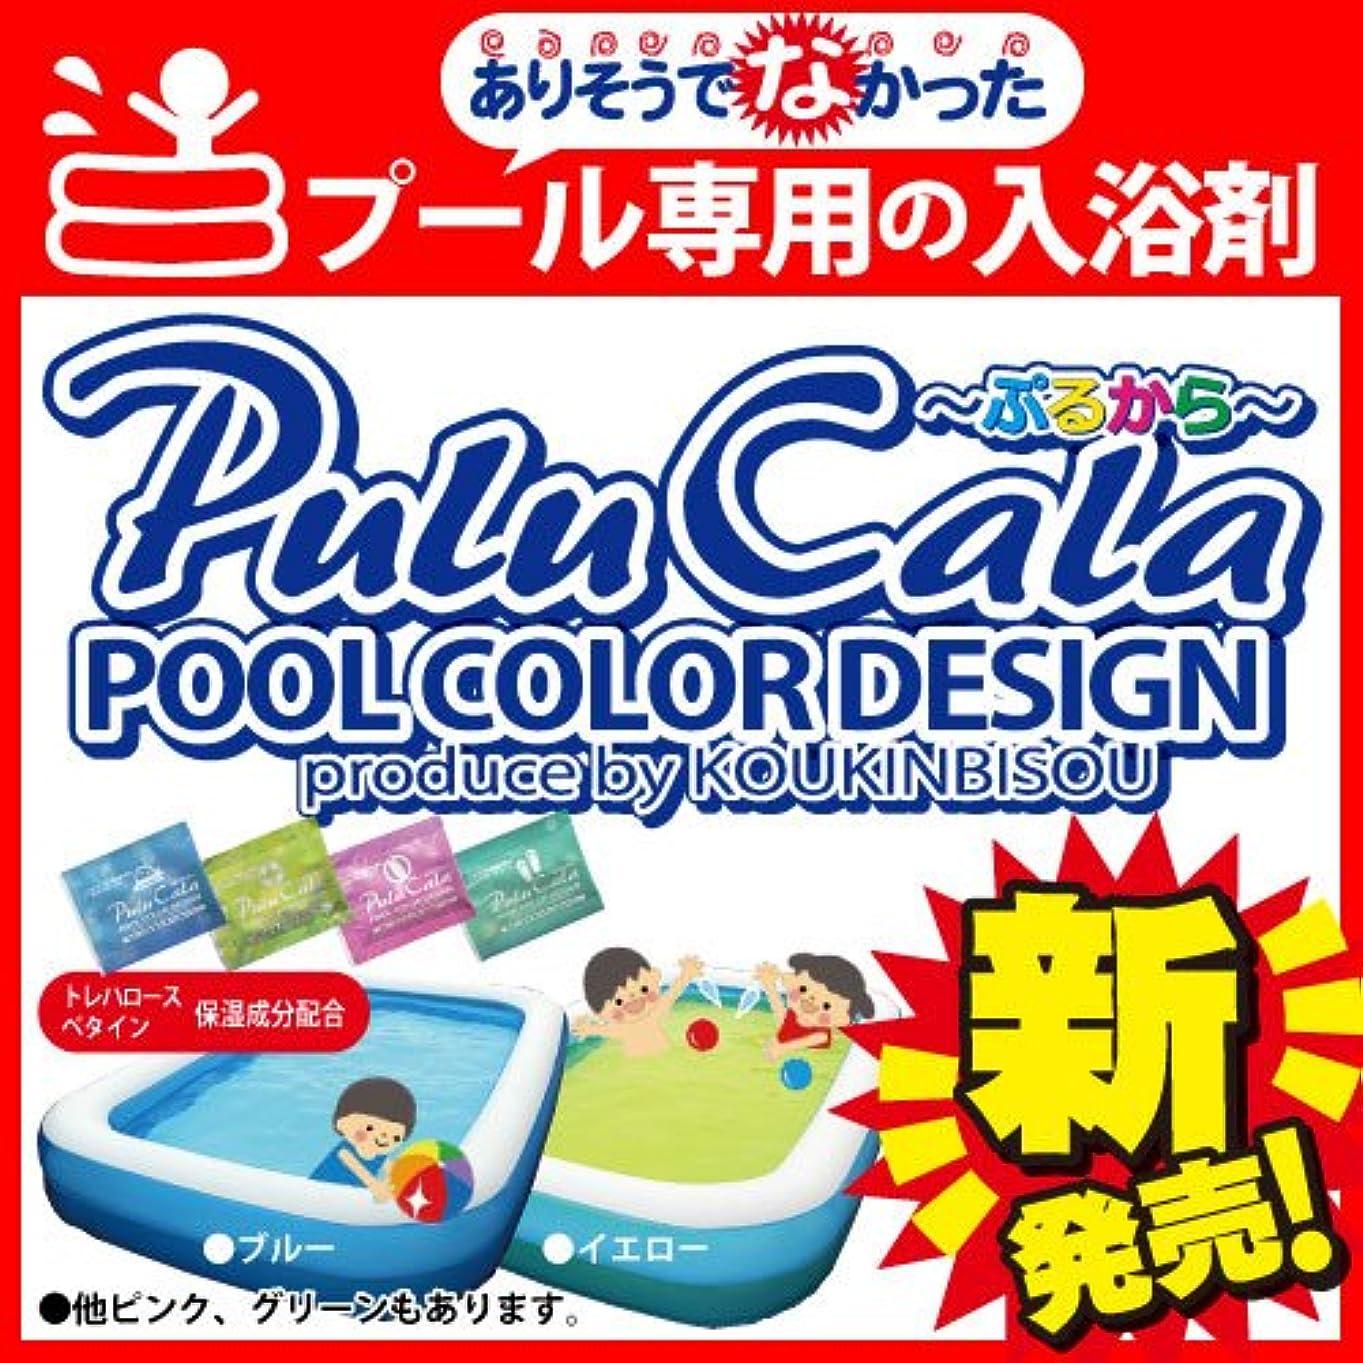 時々アンビエント特別な【プール専用入浴剤】ぷるから ピンク10回分セット(25g×10) 目や口に入っても大丈夫!